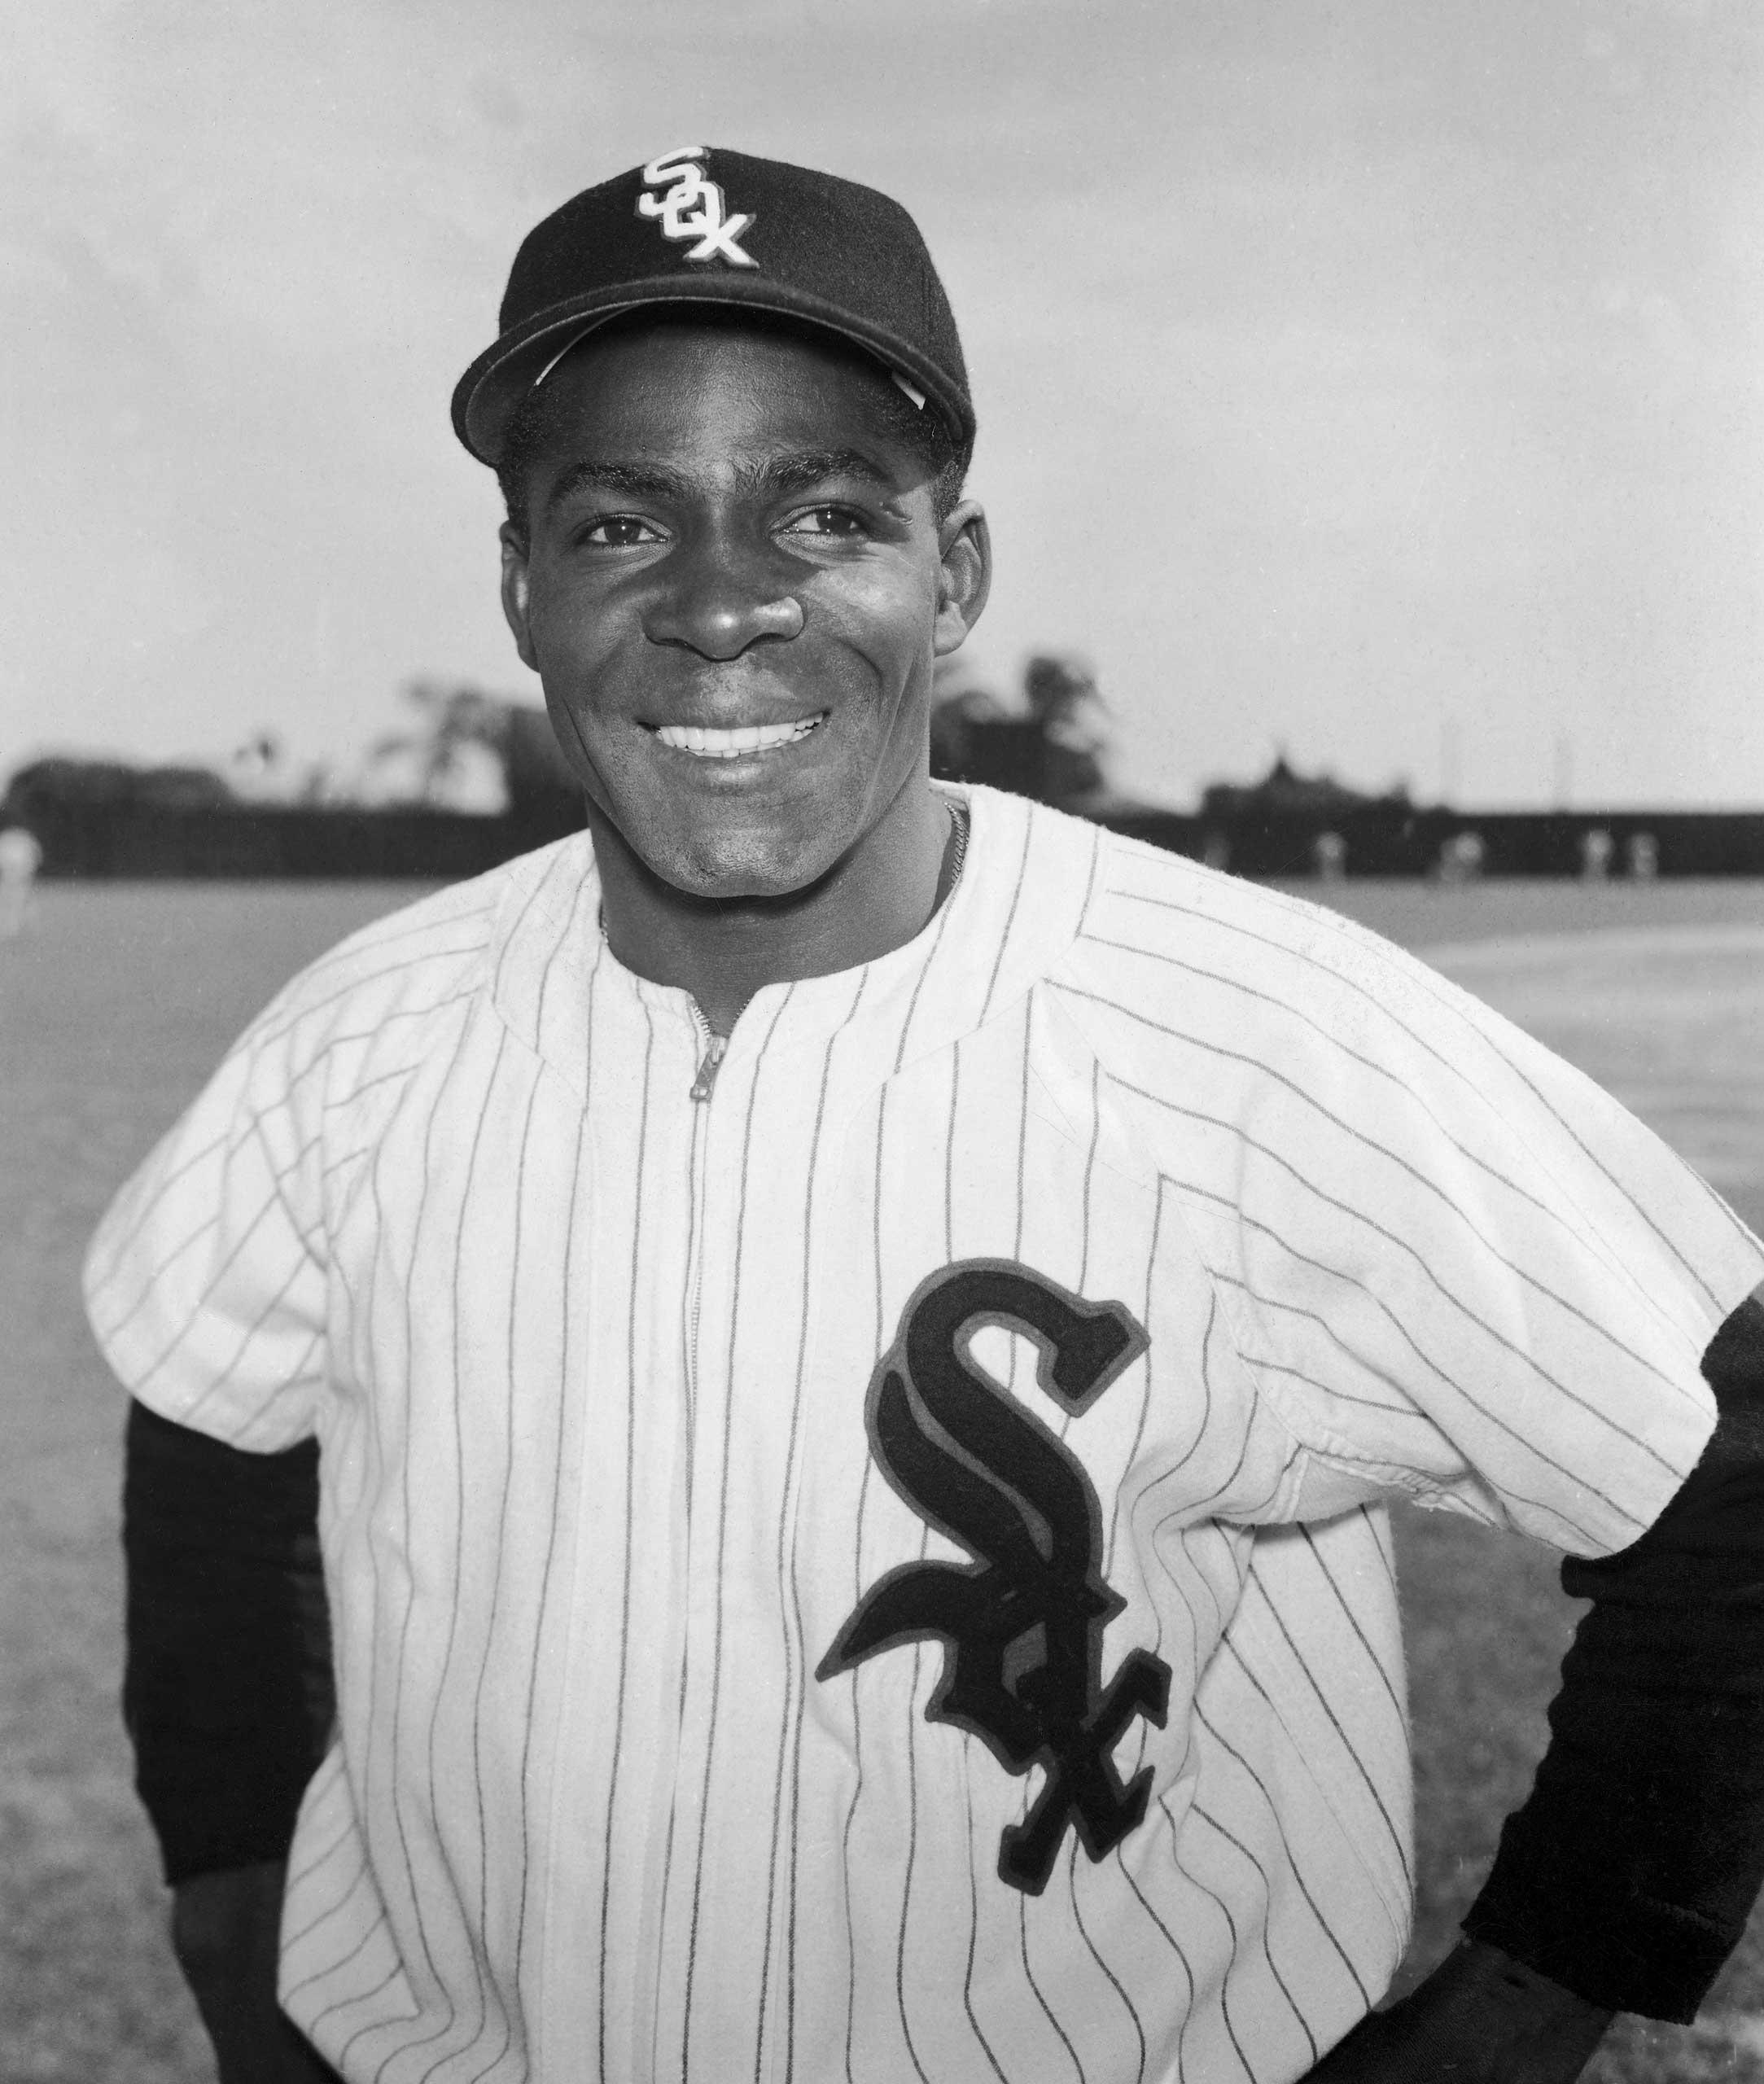 Portrait of Cuban-born Chicago White Sox baseball player Orestes 'Minnie' Minoso, circa 1955.